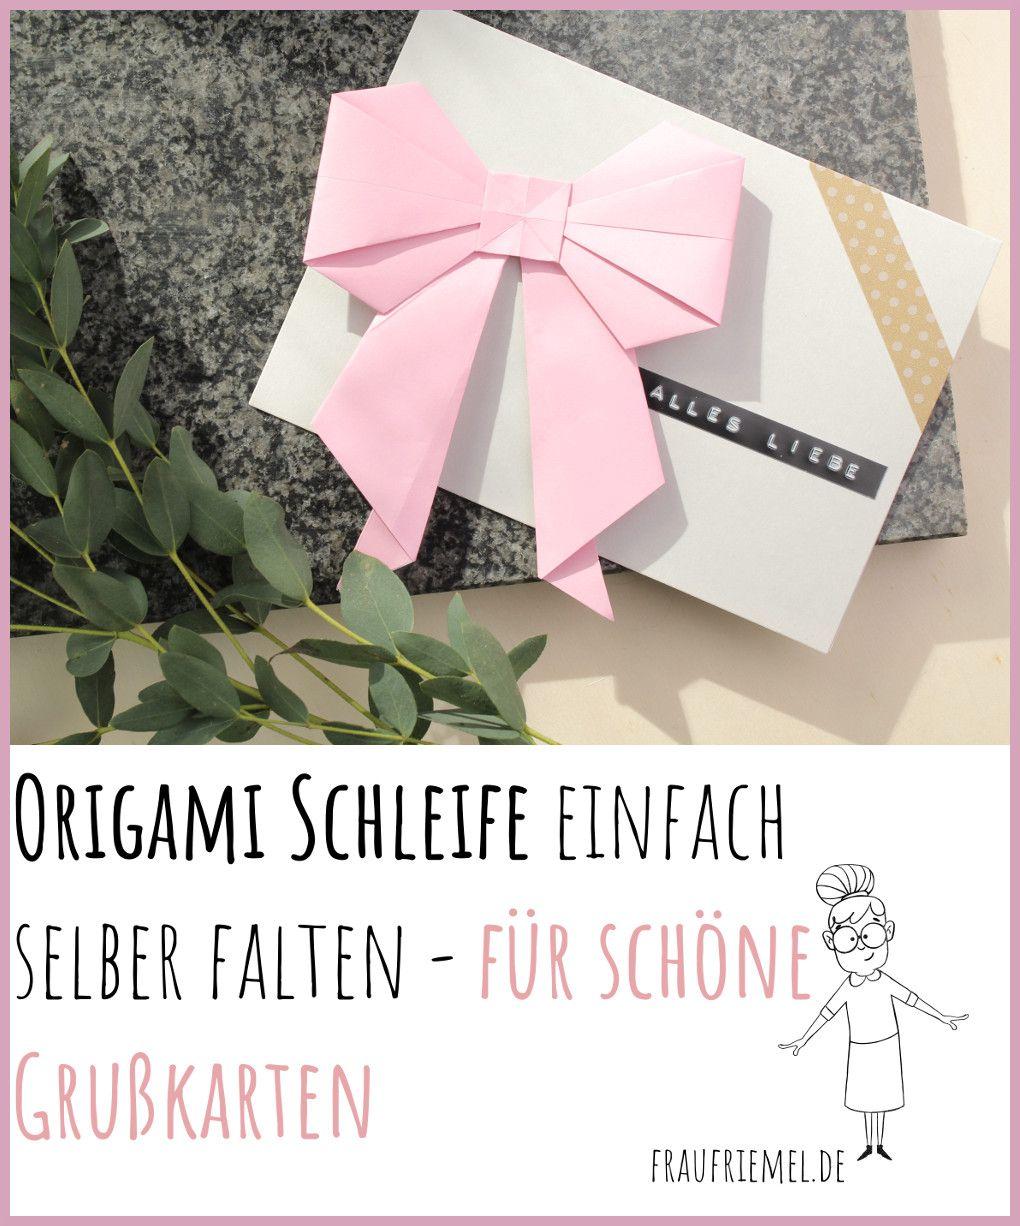 Origami Schleife falten für individuelle Grußkarten - Schritt-für-Schritt-Anleitung auf dem Blog! #origamianleitungen